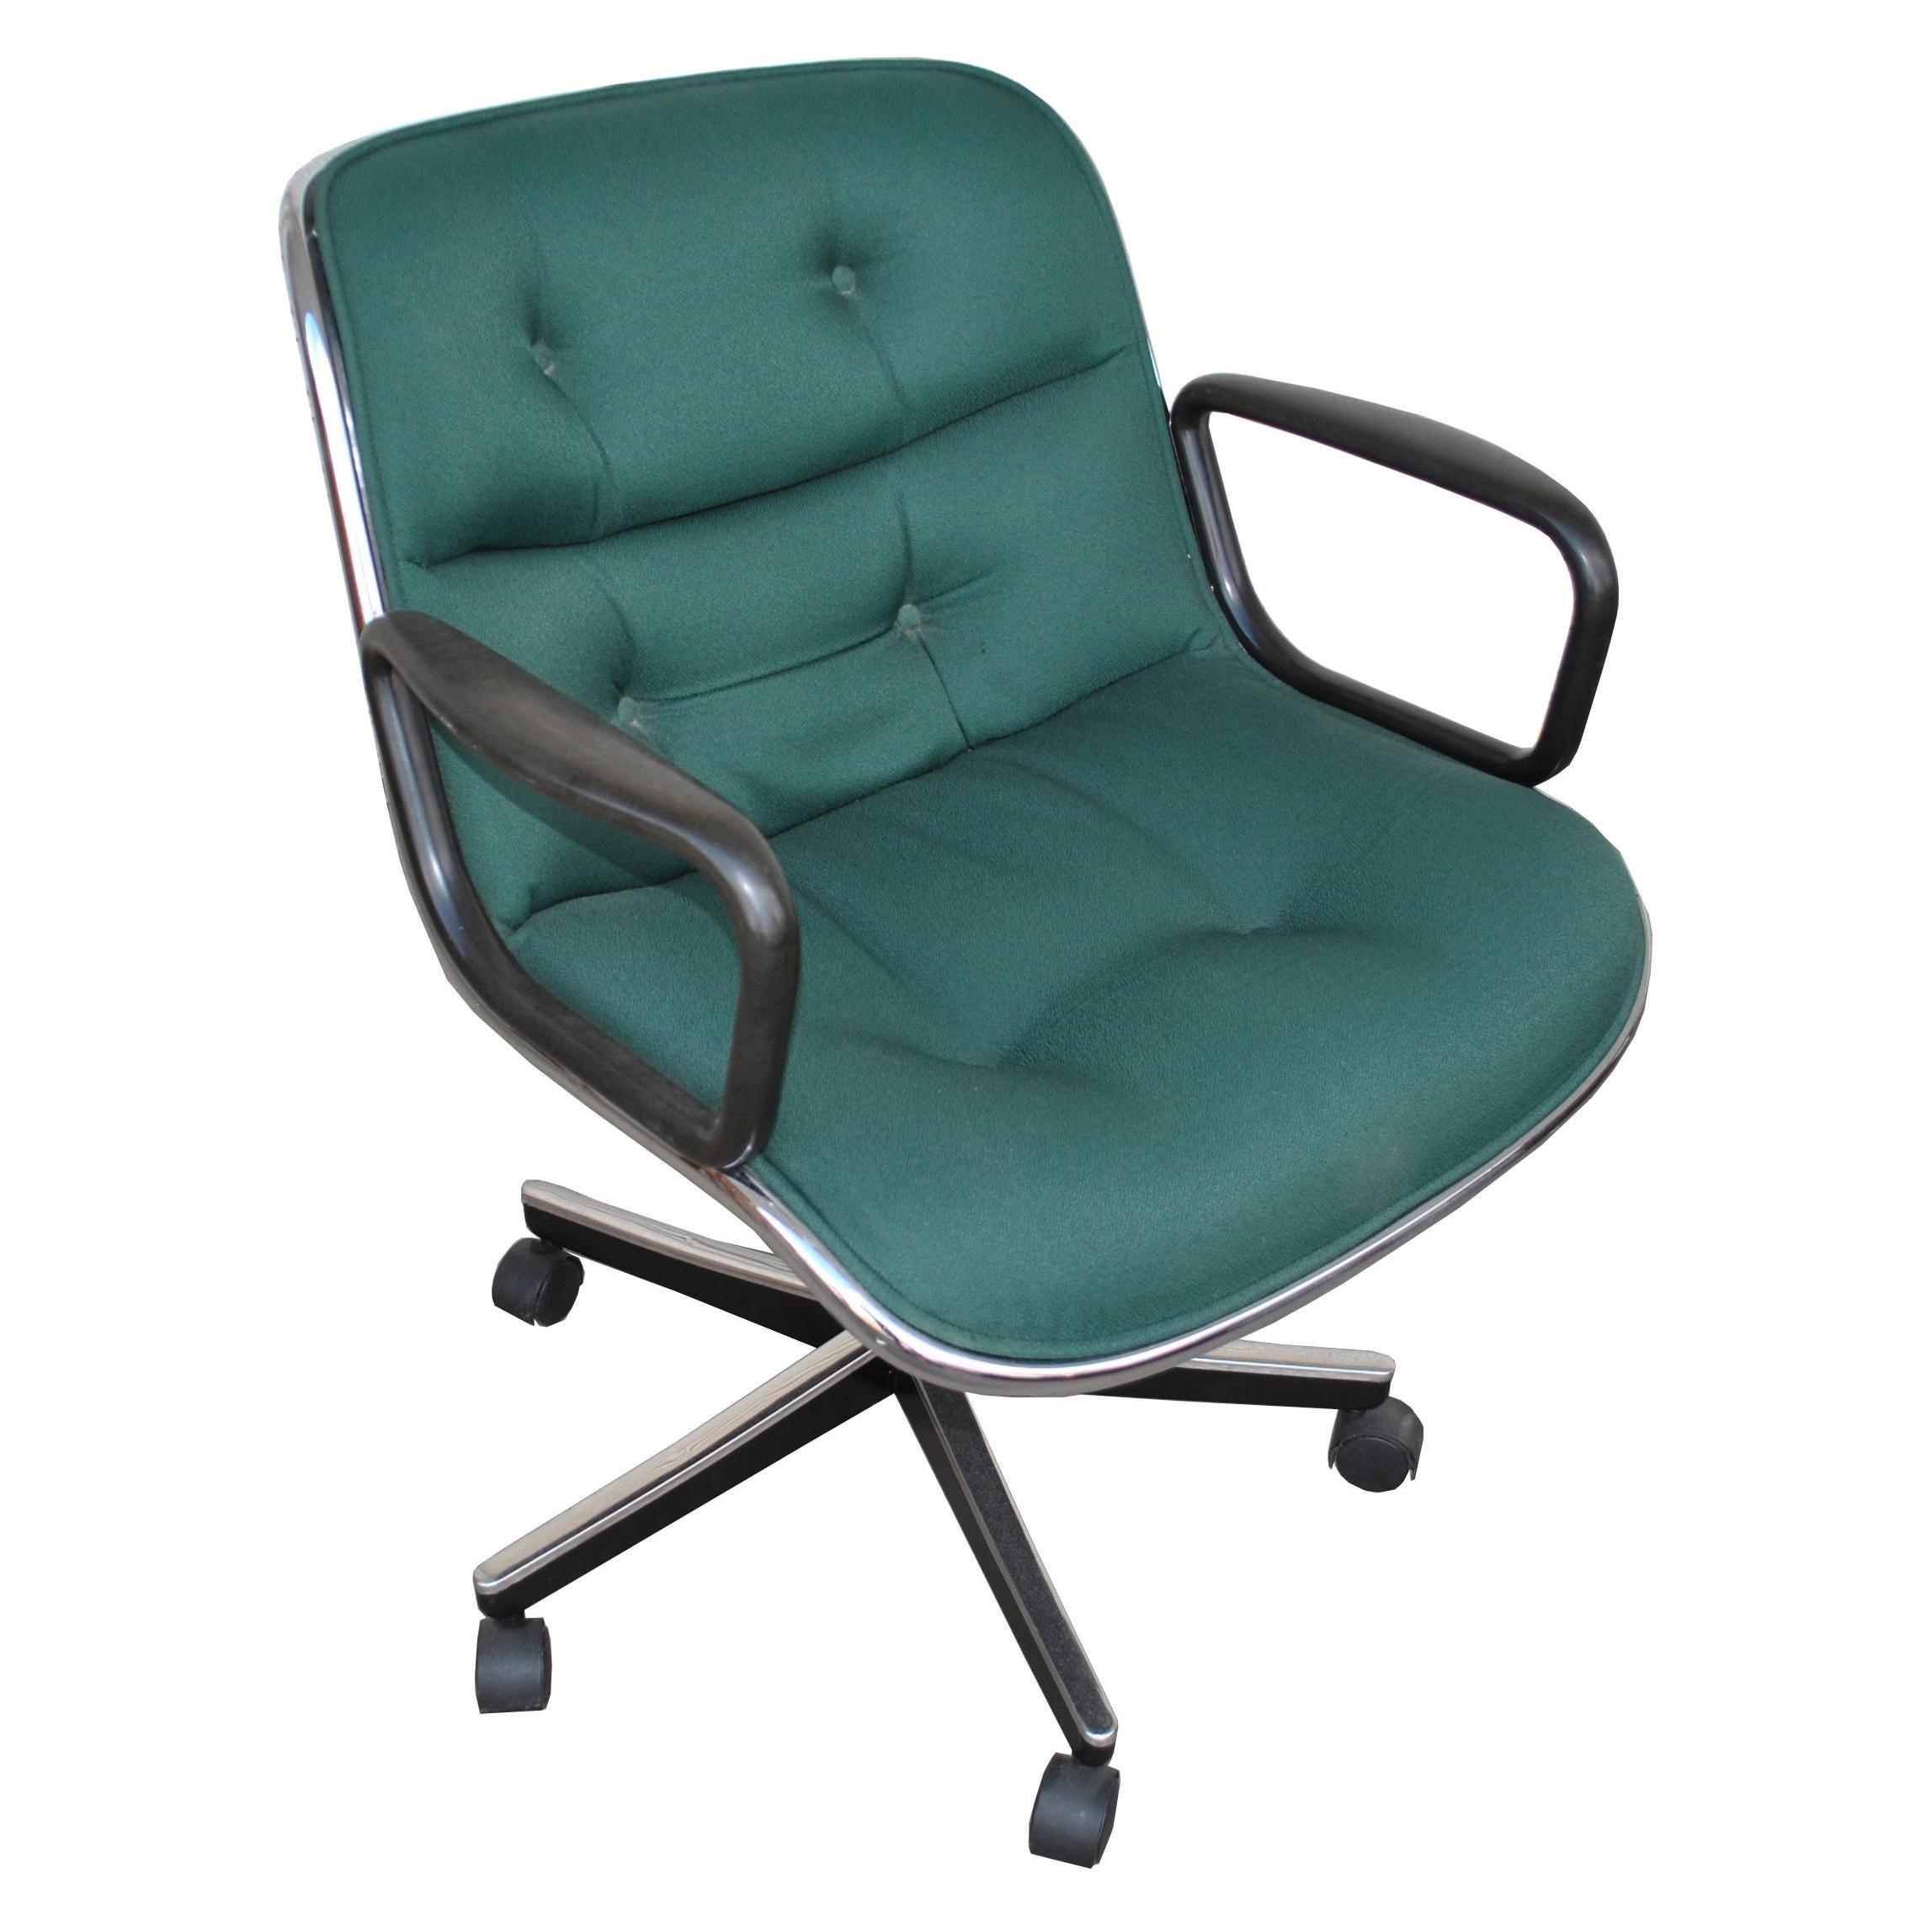 1 Knoll Pollock Chair 12 Available